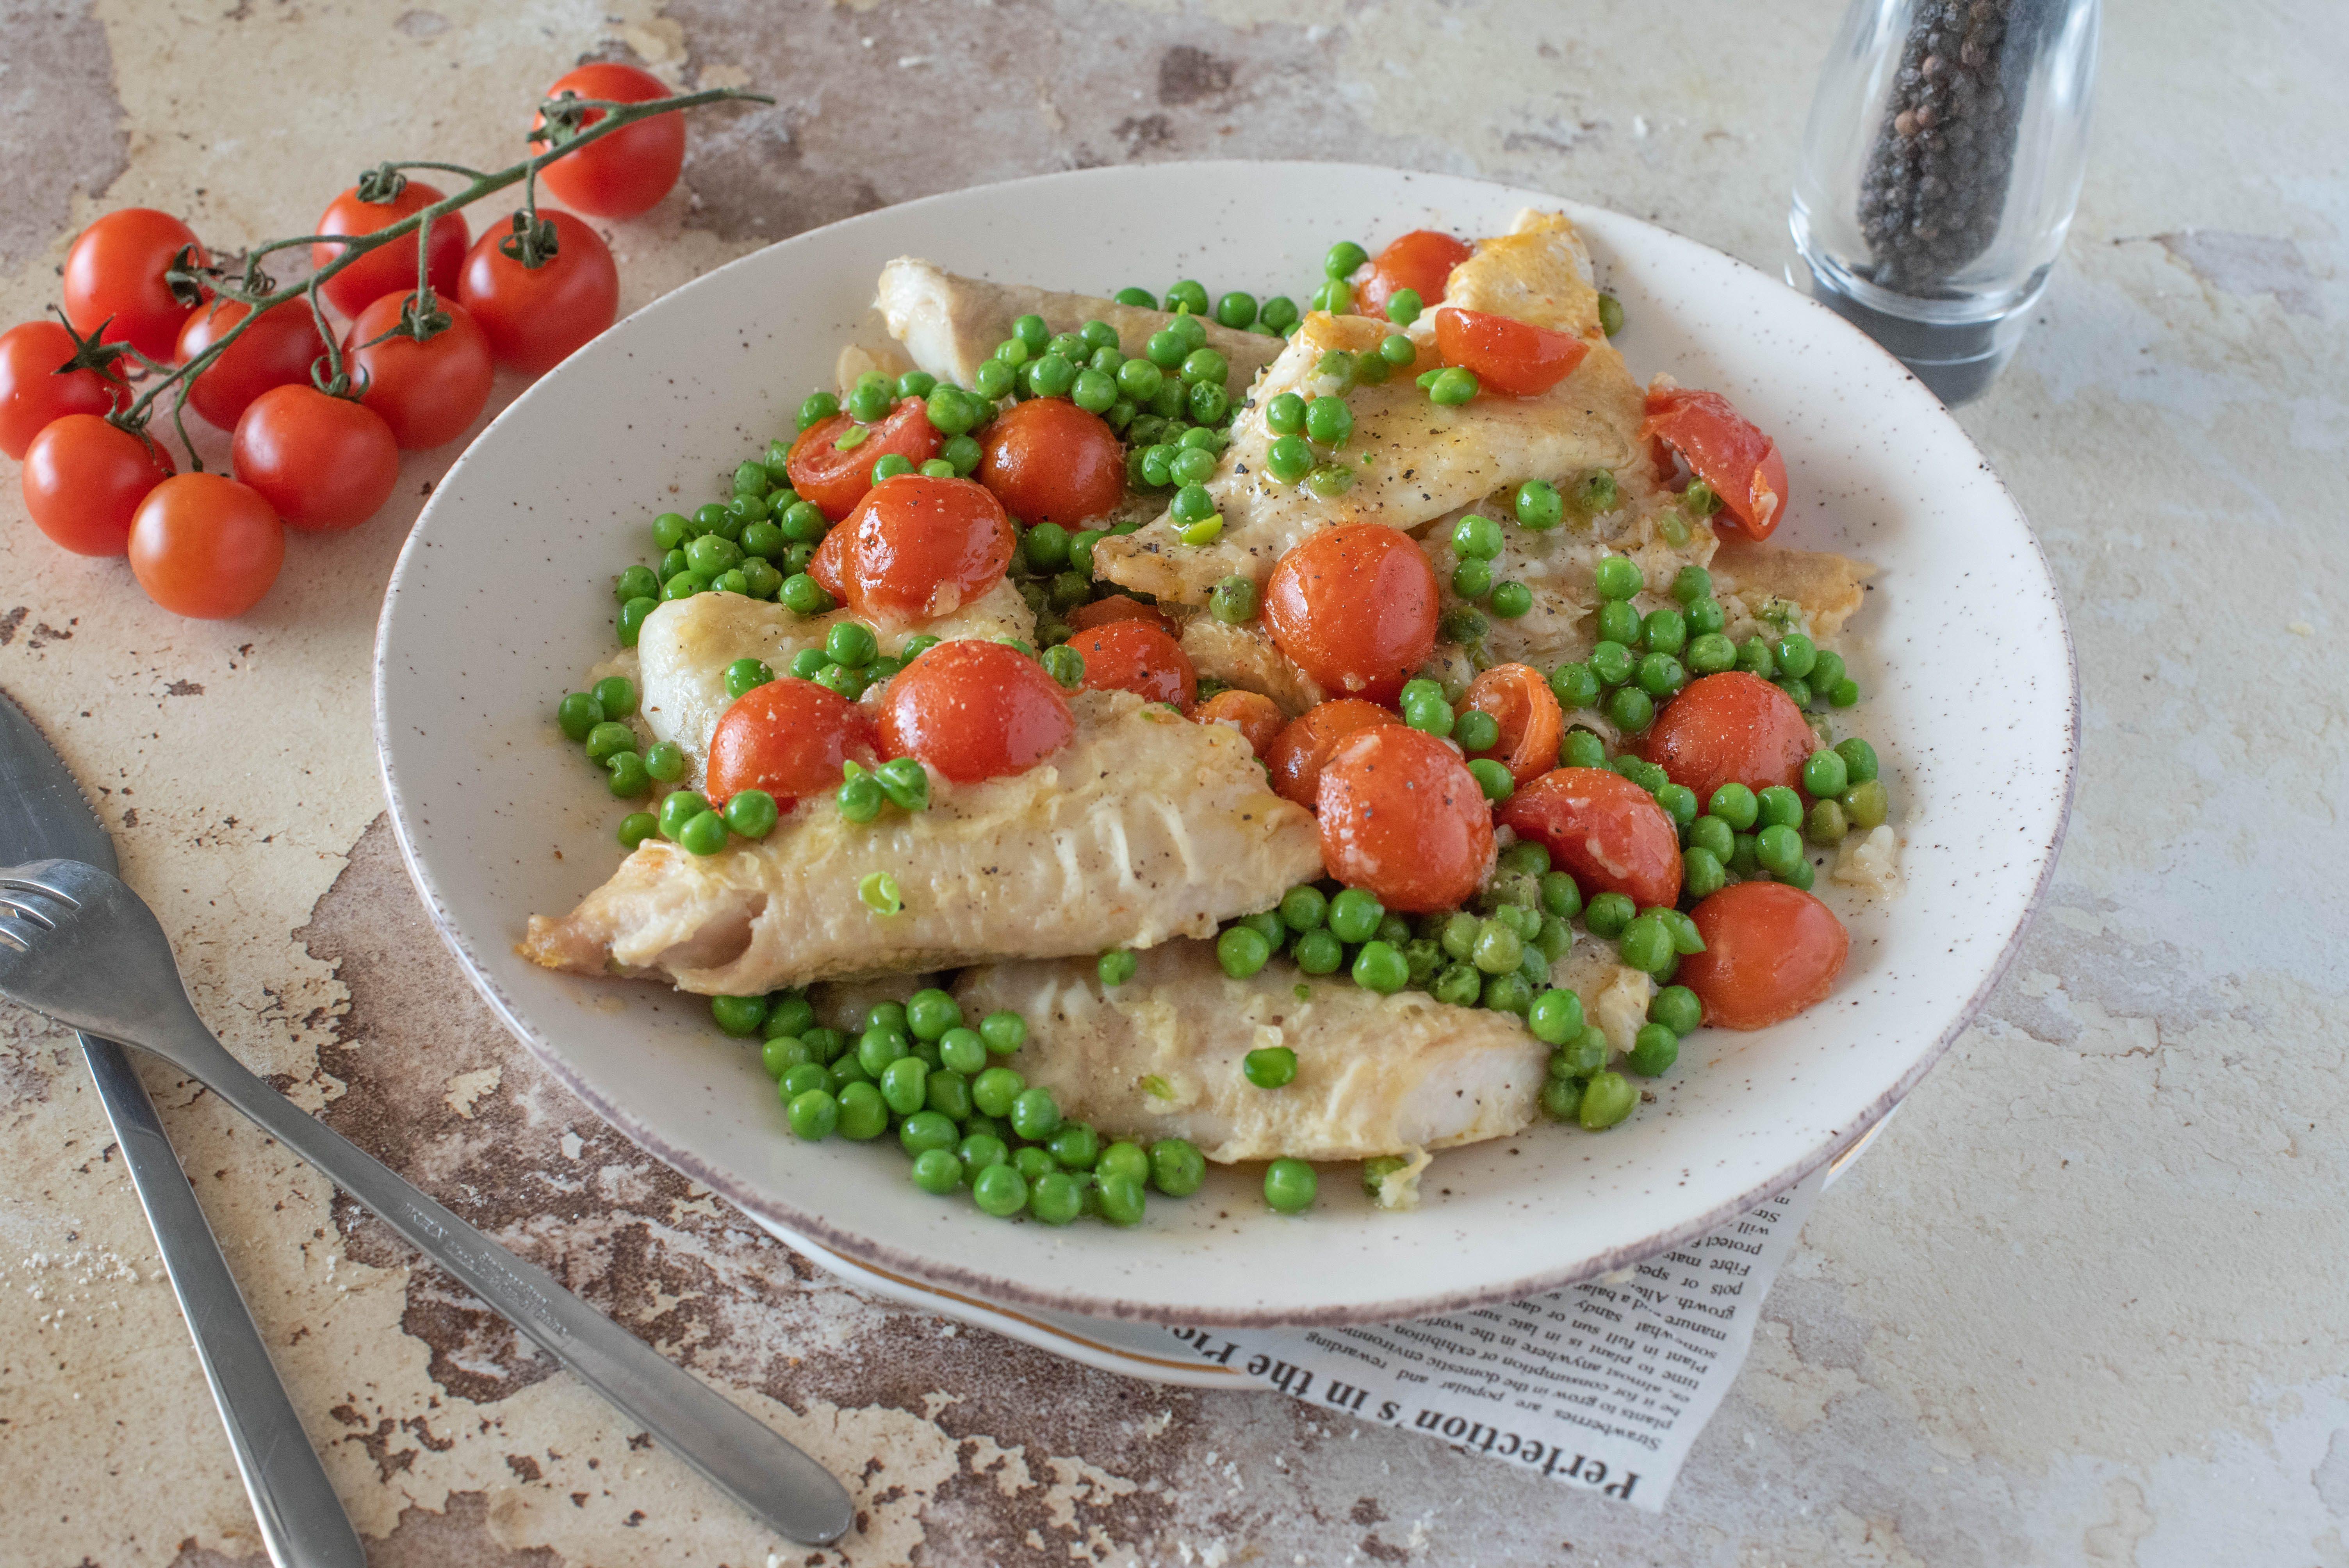 Merluzzo con piselli: la ricetta del piatto semplice e adatto ai bimbi